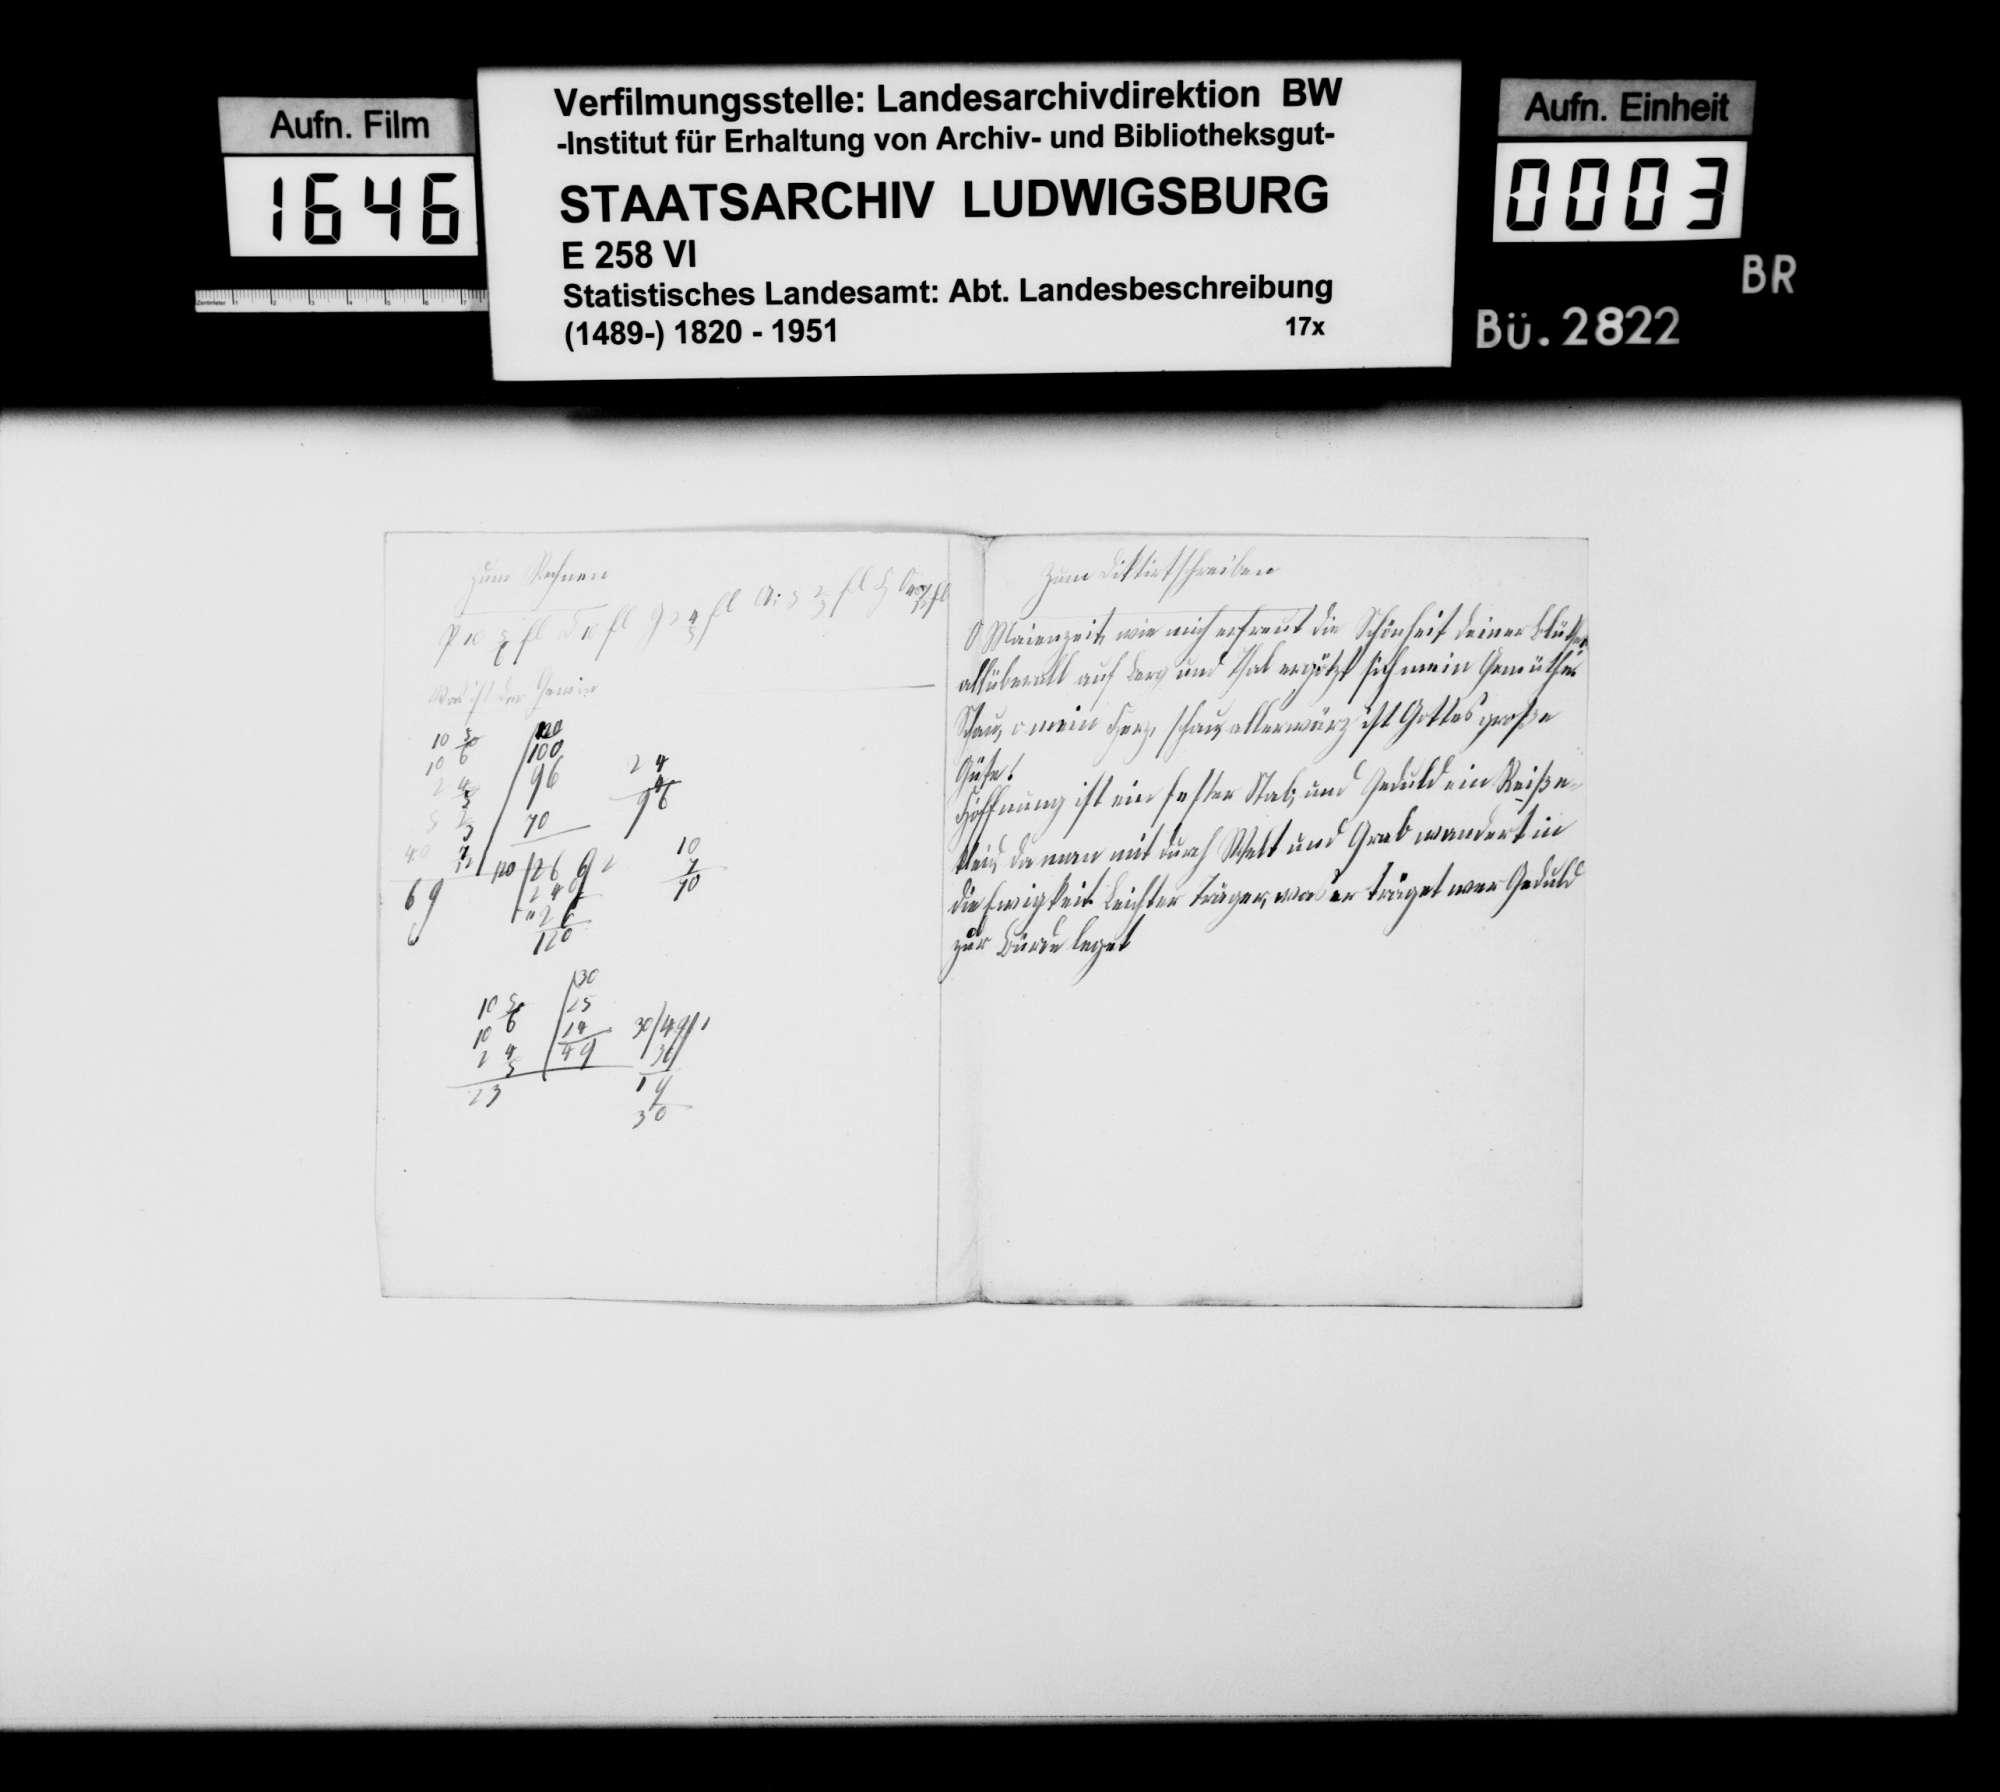 Kurzregesten, Notizen u.dgl. des [Christoph Friedrich] Stälin zur mittelalterlichen Besitz- und Herrschaftsgeschichte im Oberamtsbezirk, Bild 2